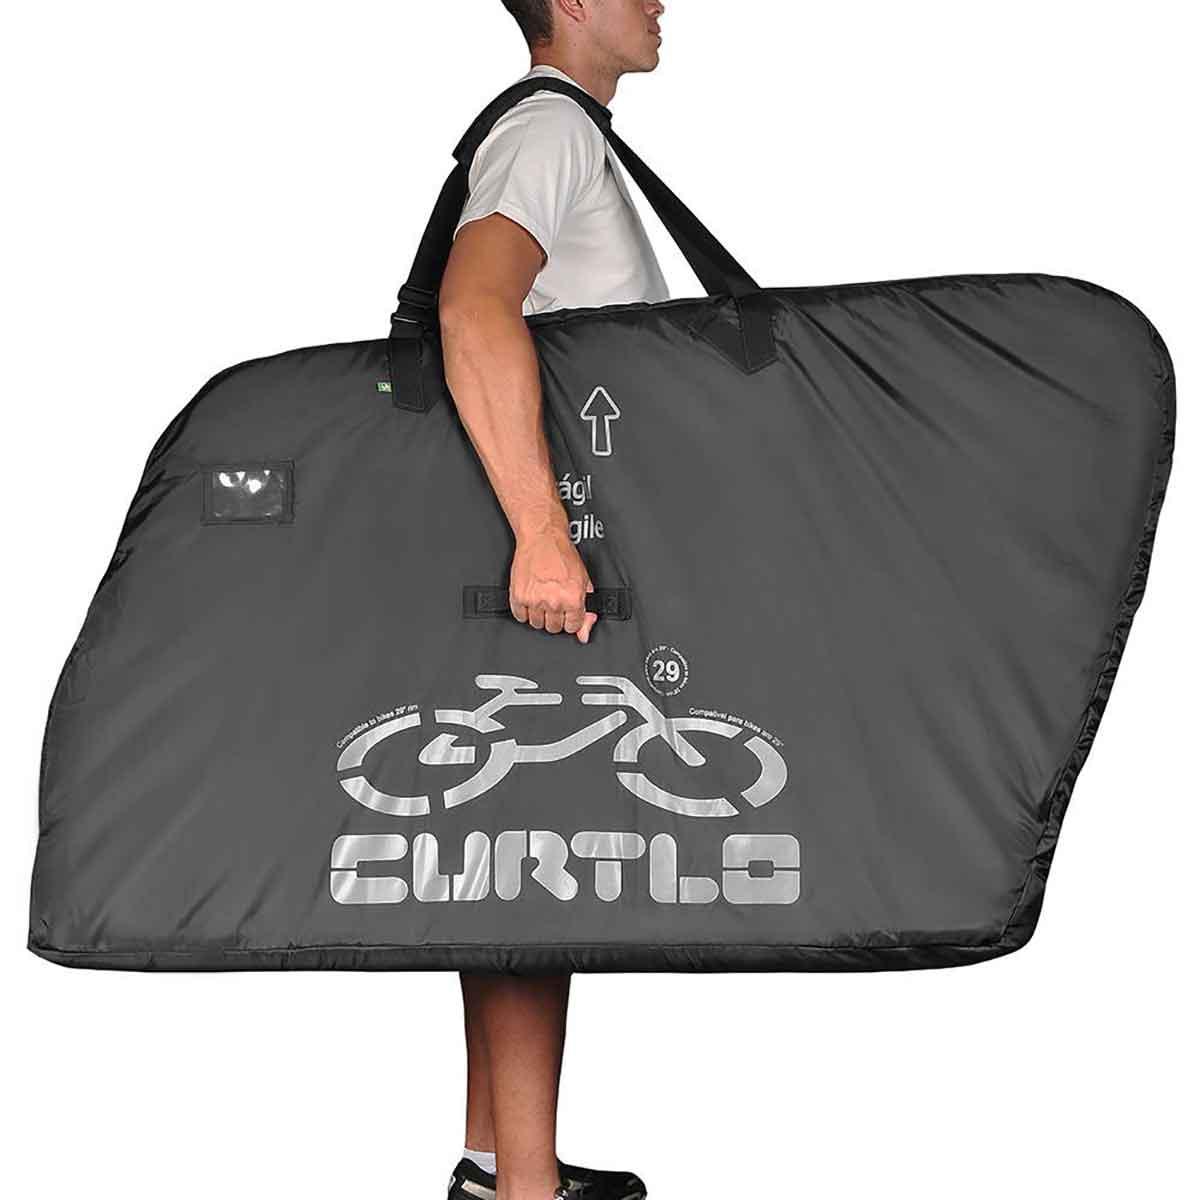 Mala Bike Para Transporte de Bicicleta Curtlo - Compatível com Aro 29